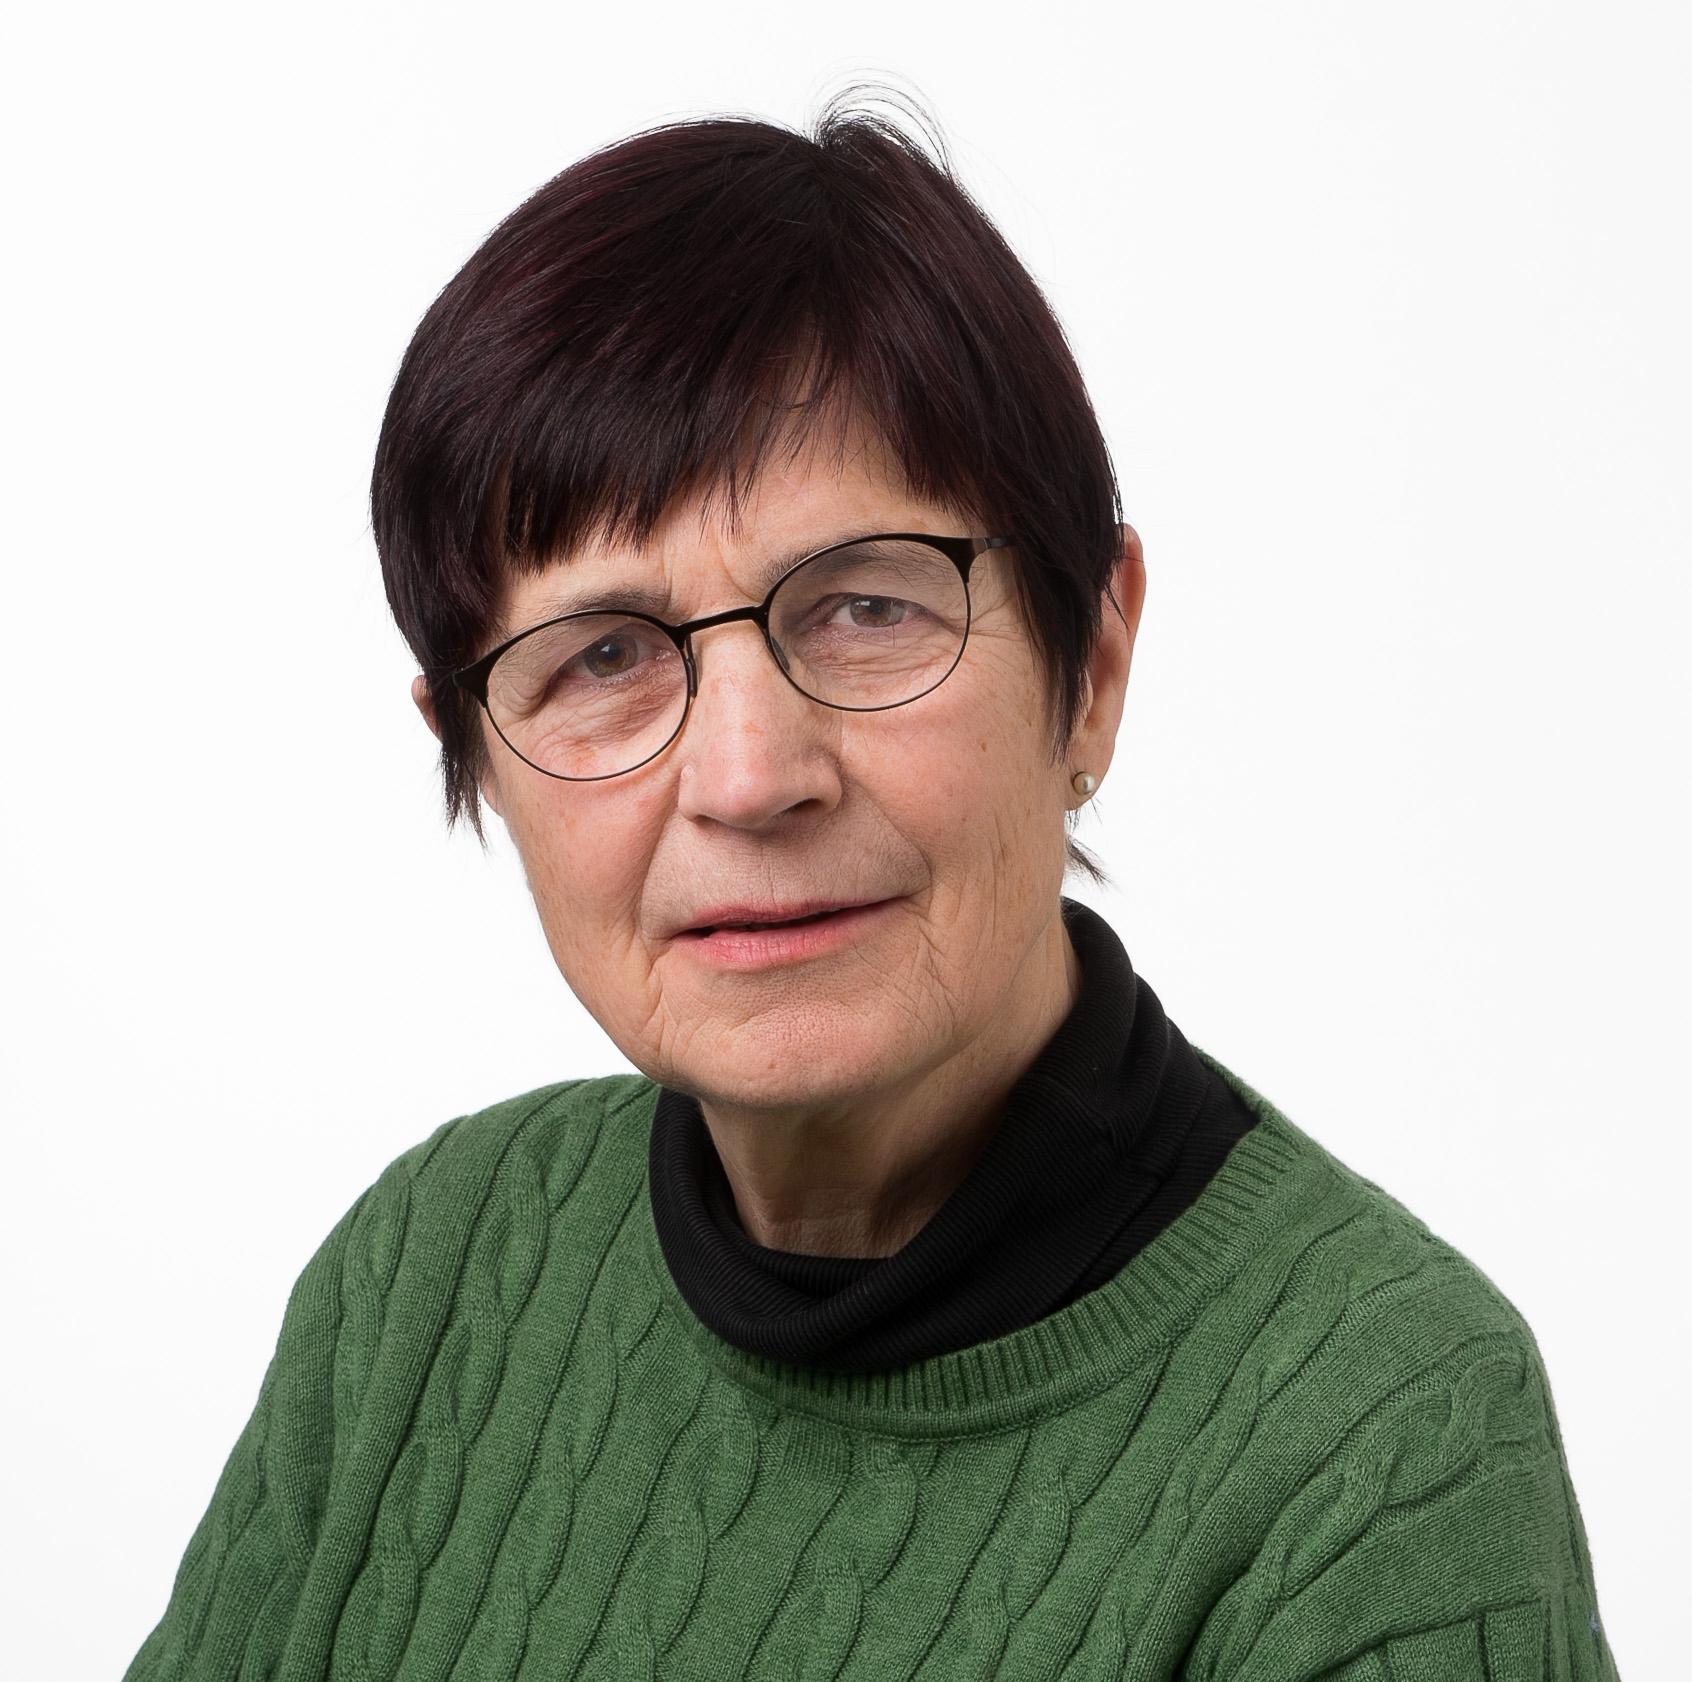 Susanne Gerstenberg